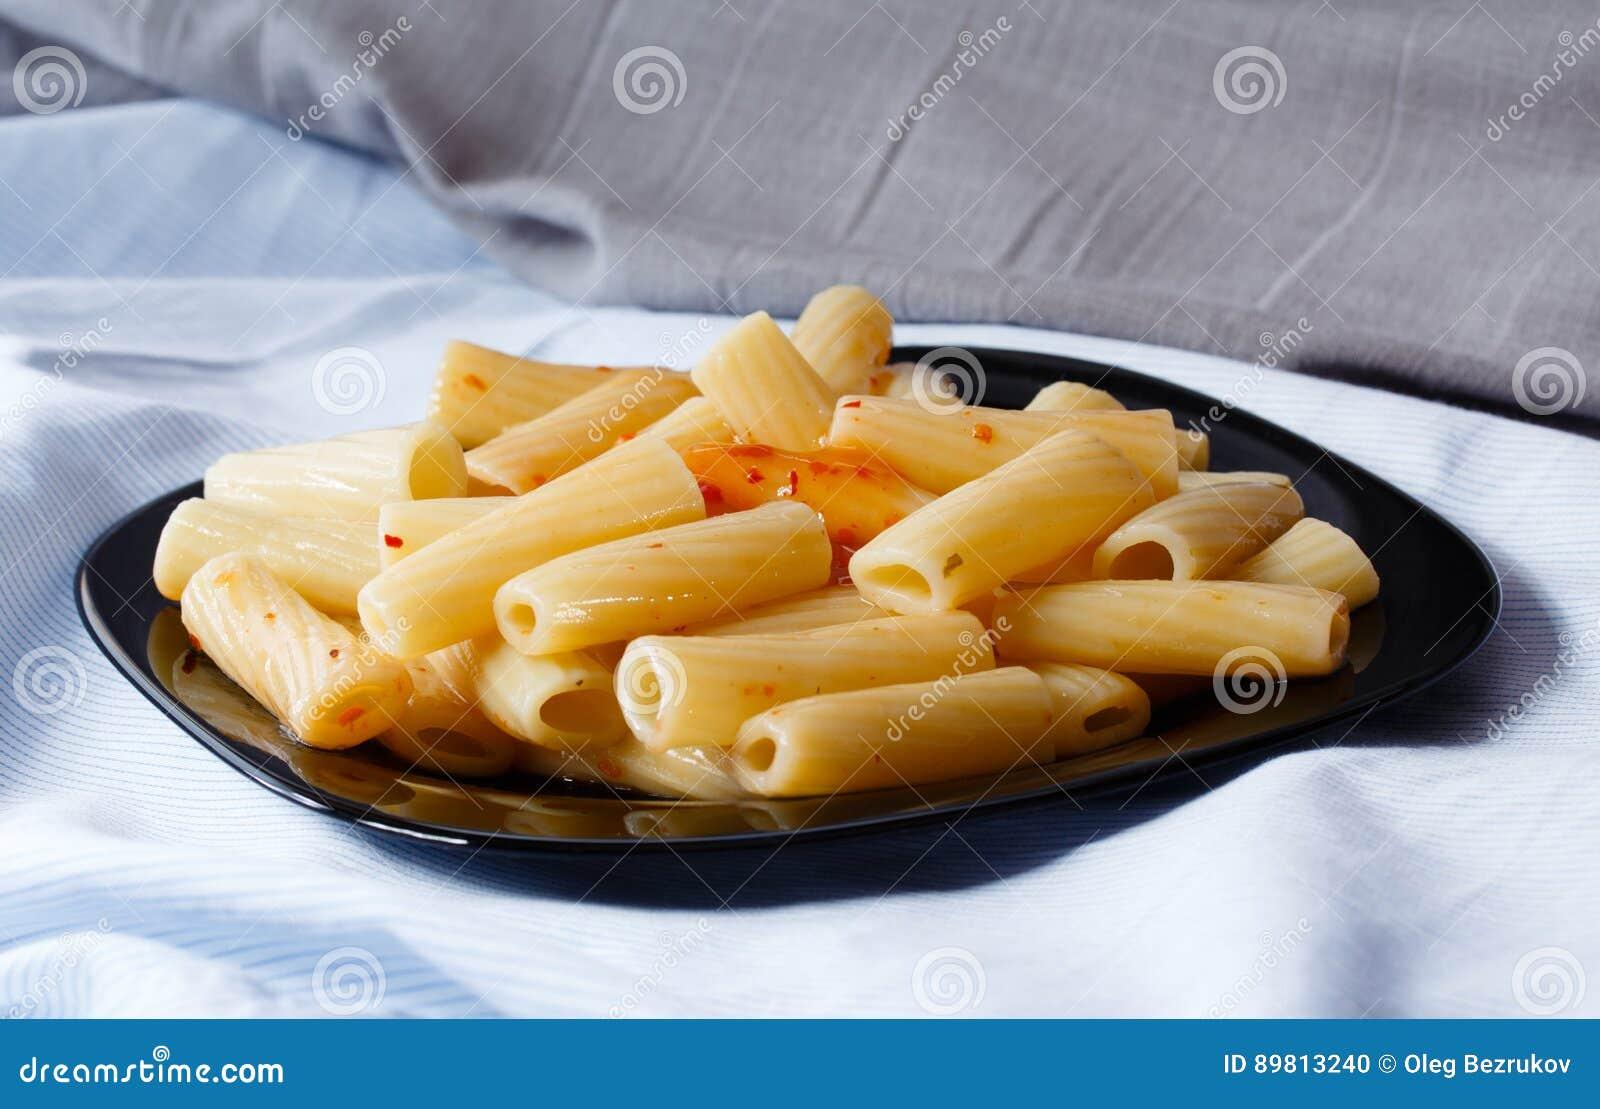 Svart platta av pasta med sås